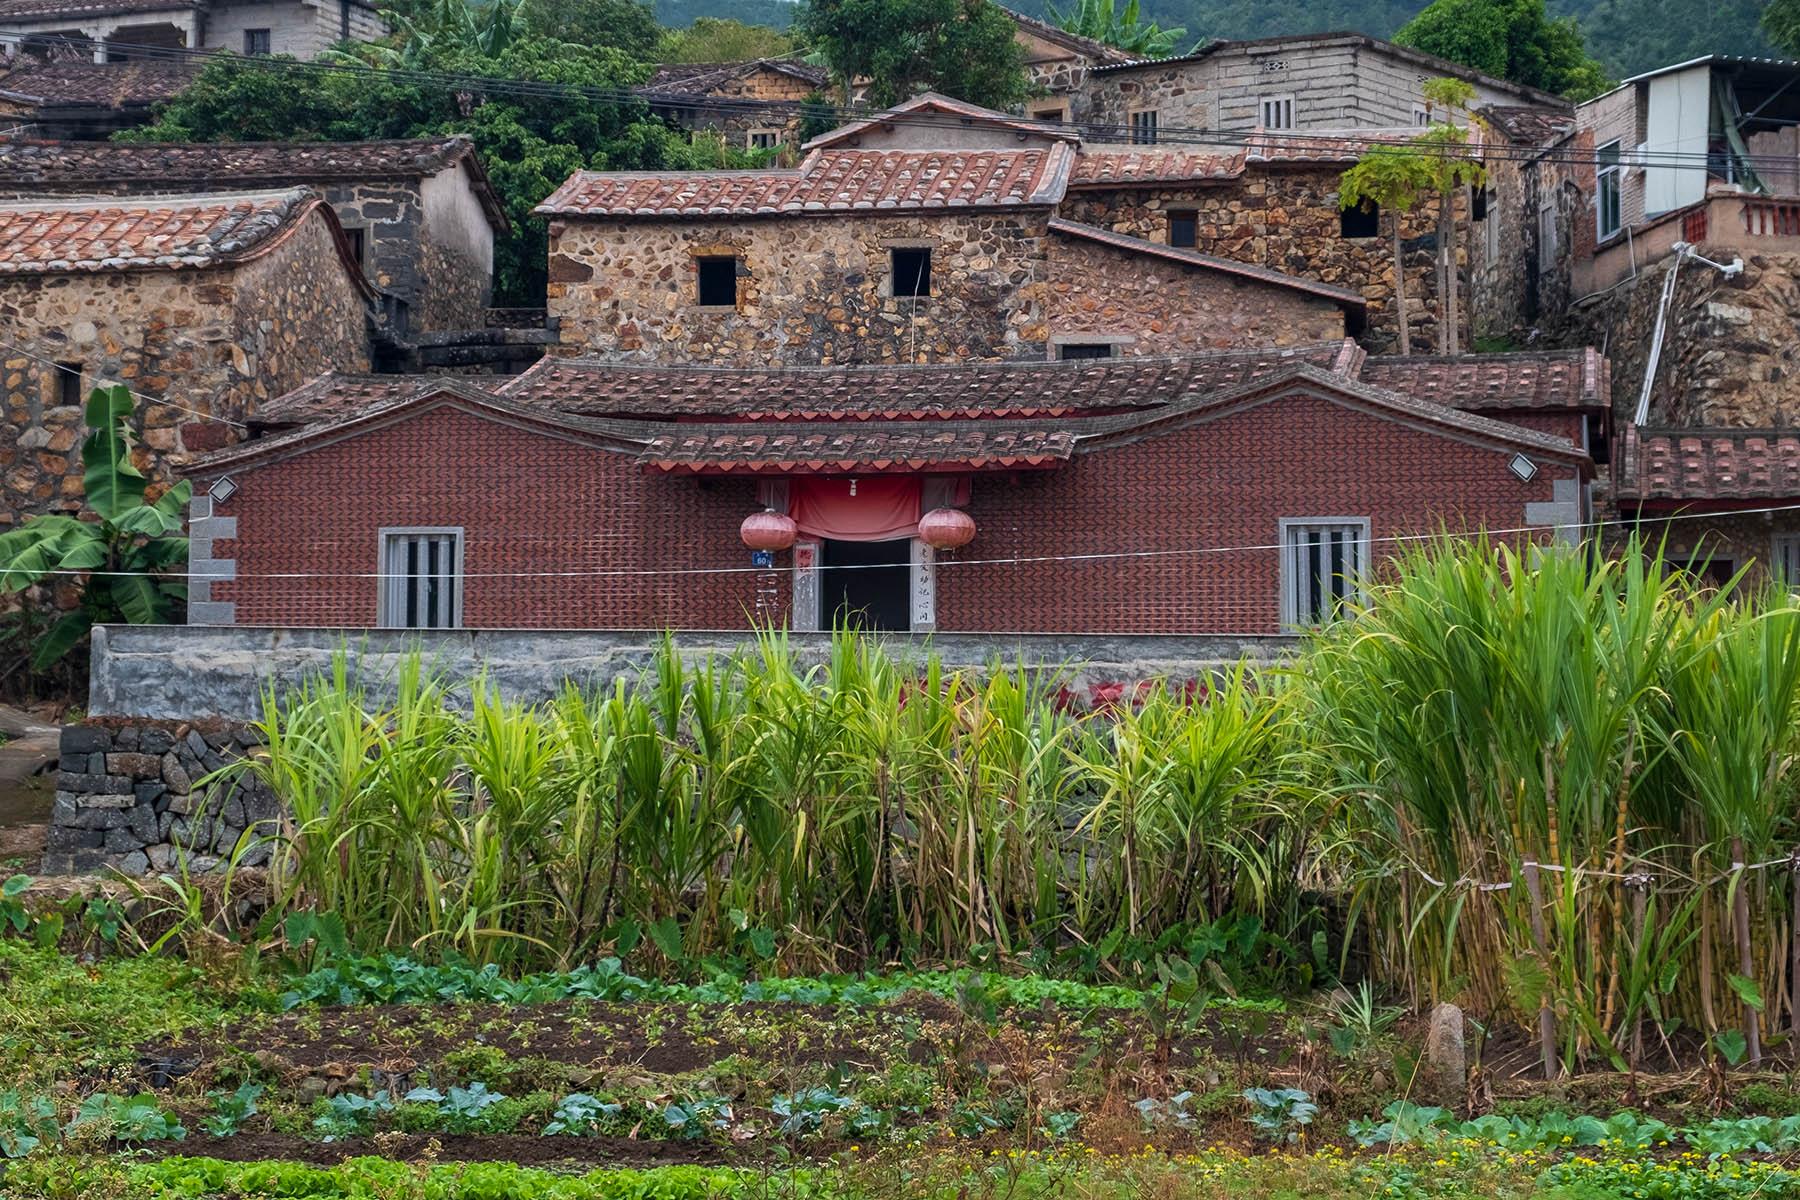 Zhangjiao Dorf in der Provinz Fujian, China